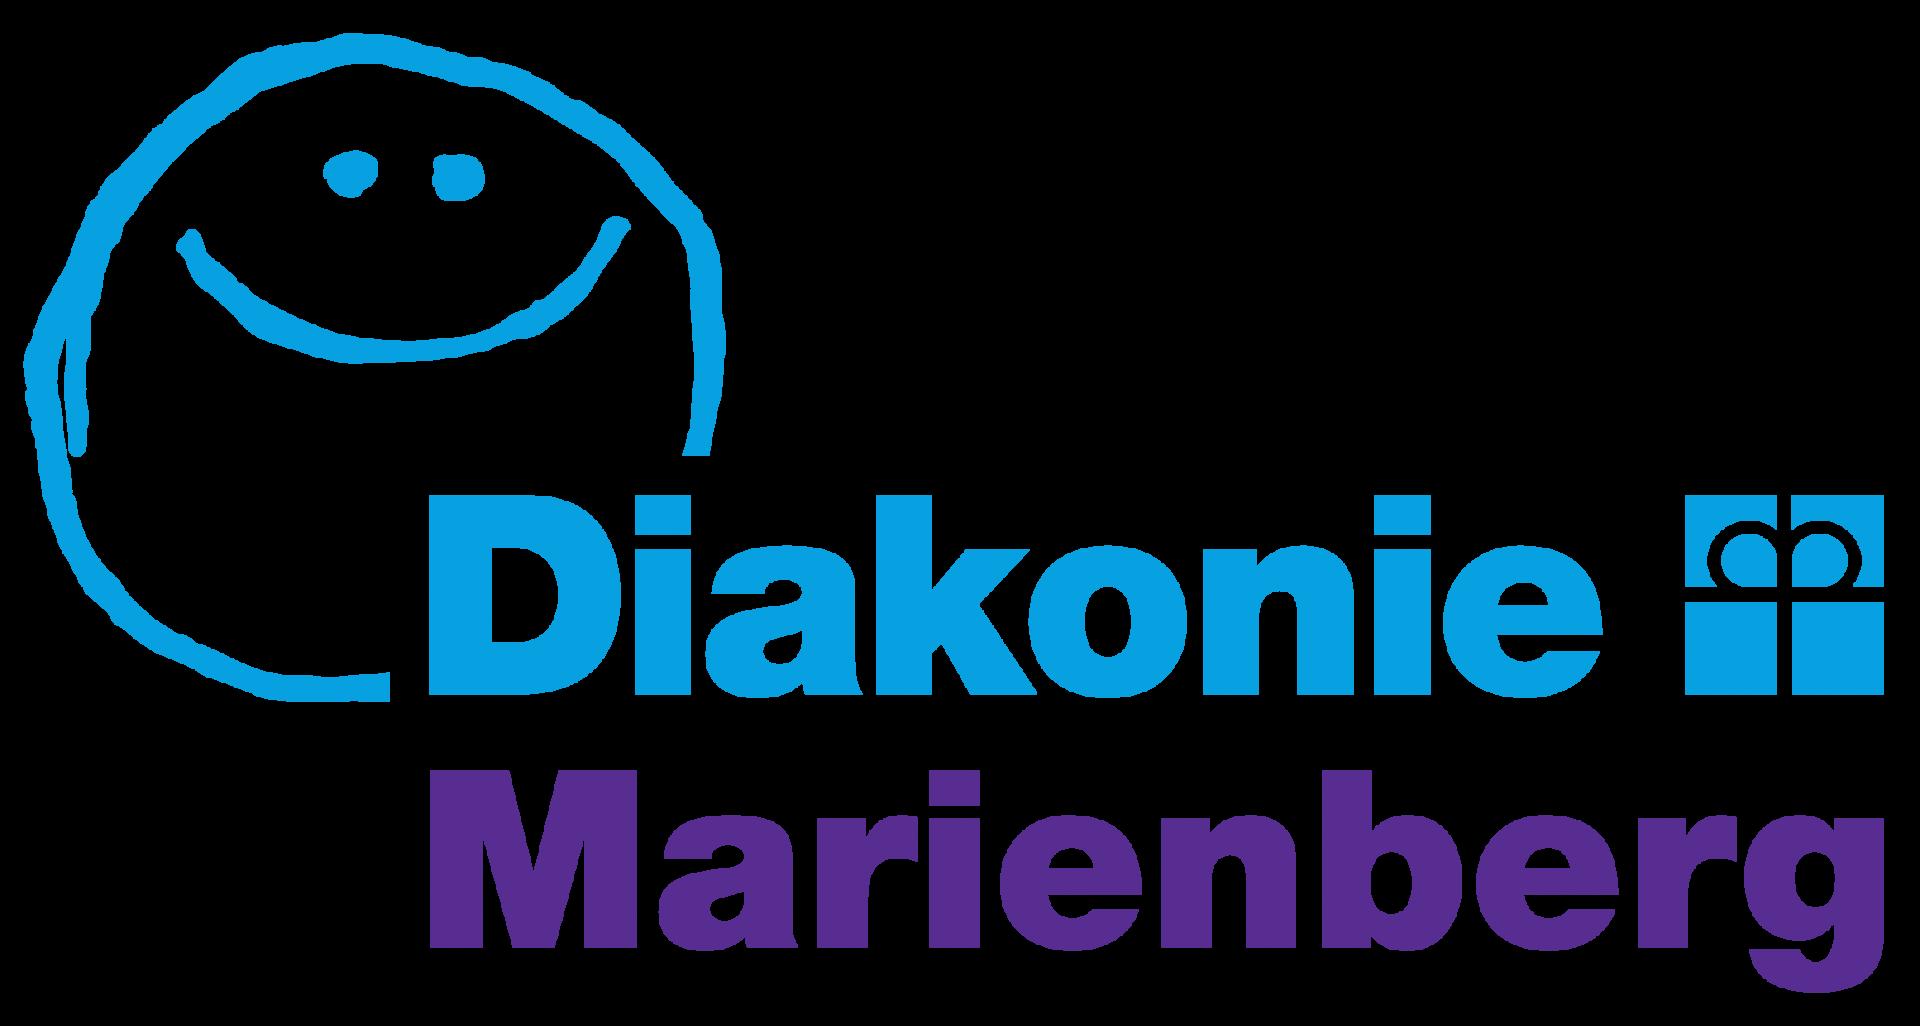 DiakonieMarienberg